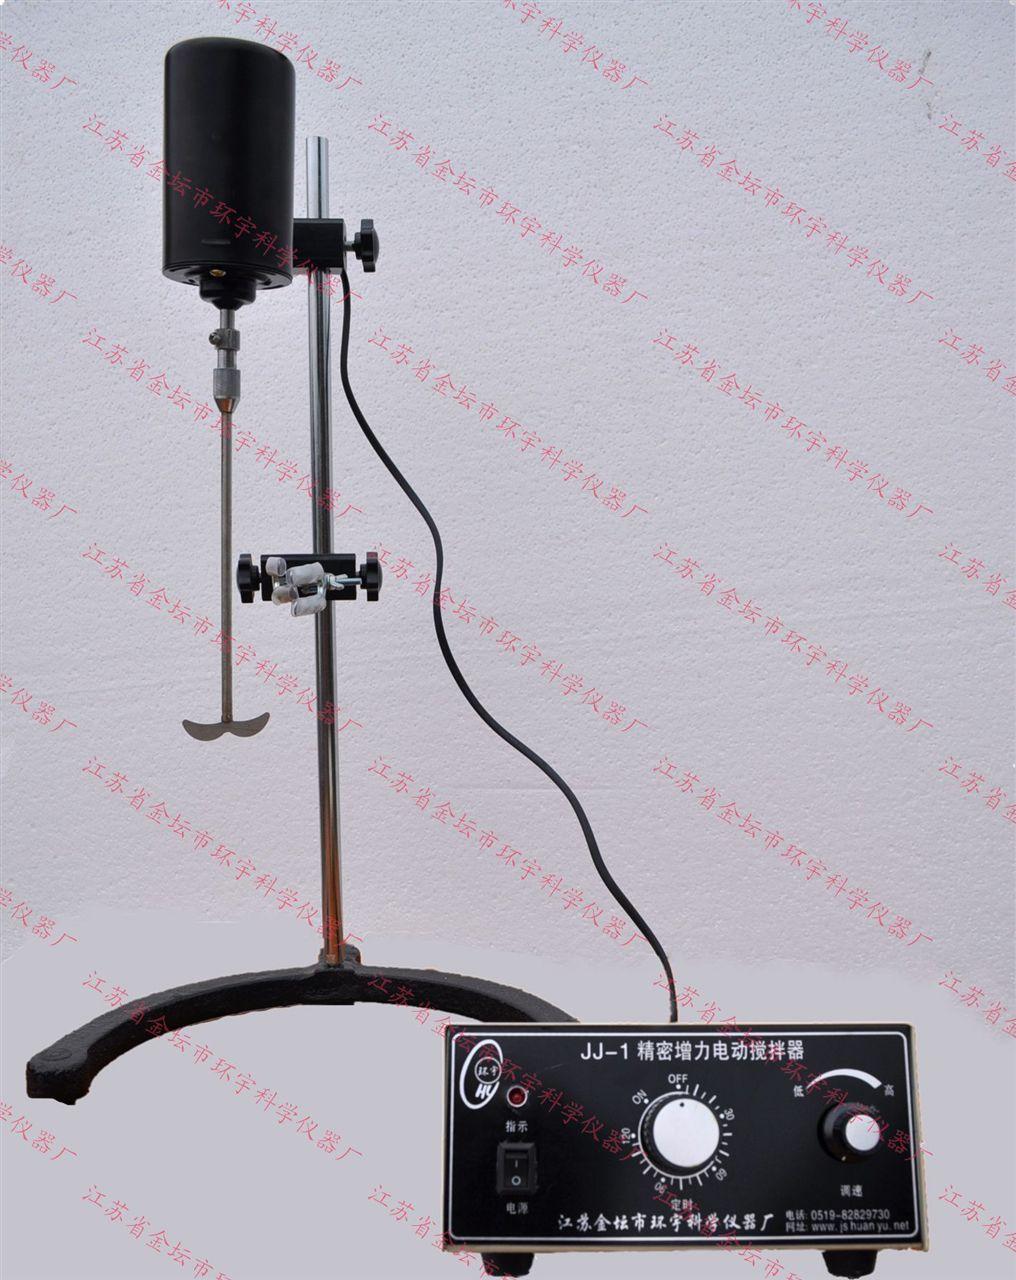 【详细说明】 一: jj-190w电动搅拌器采用直流电机